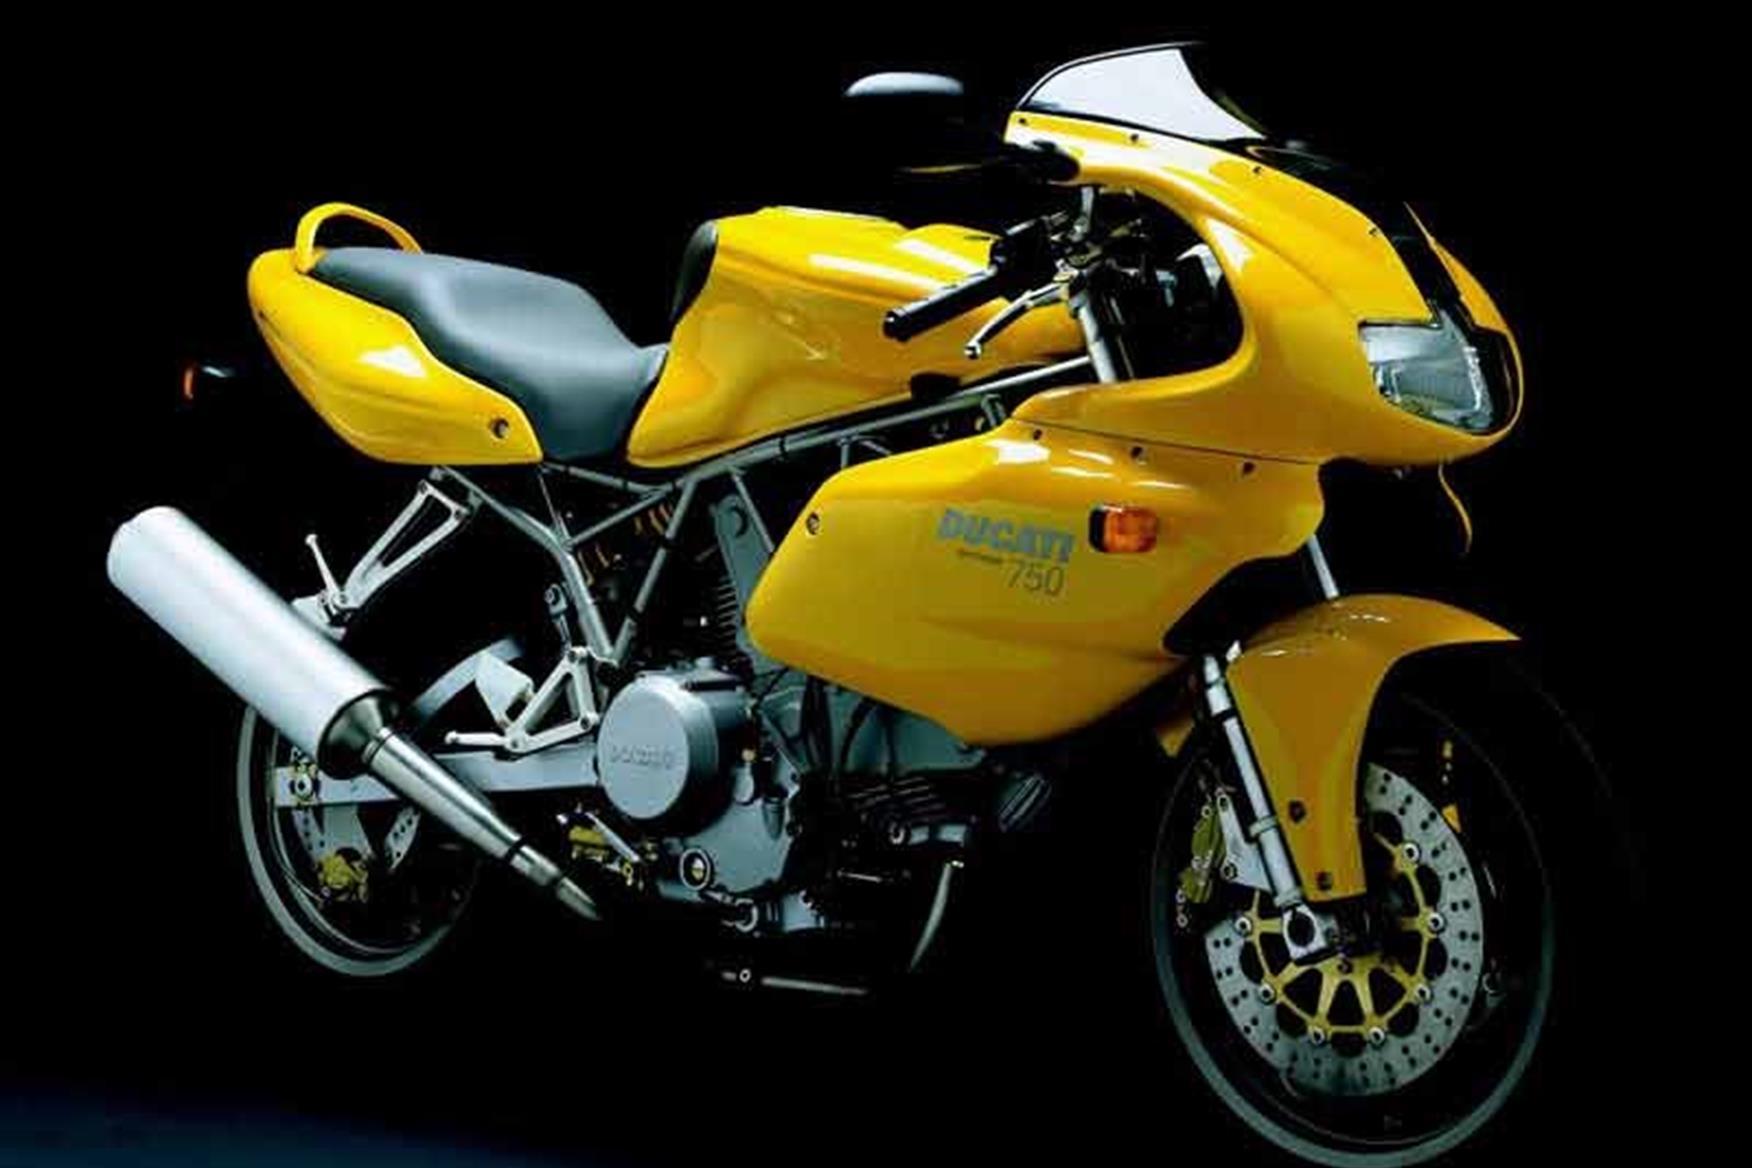 Ducati autocollant-ss 600 nuda